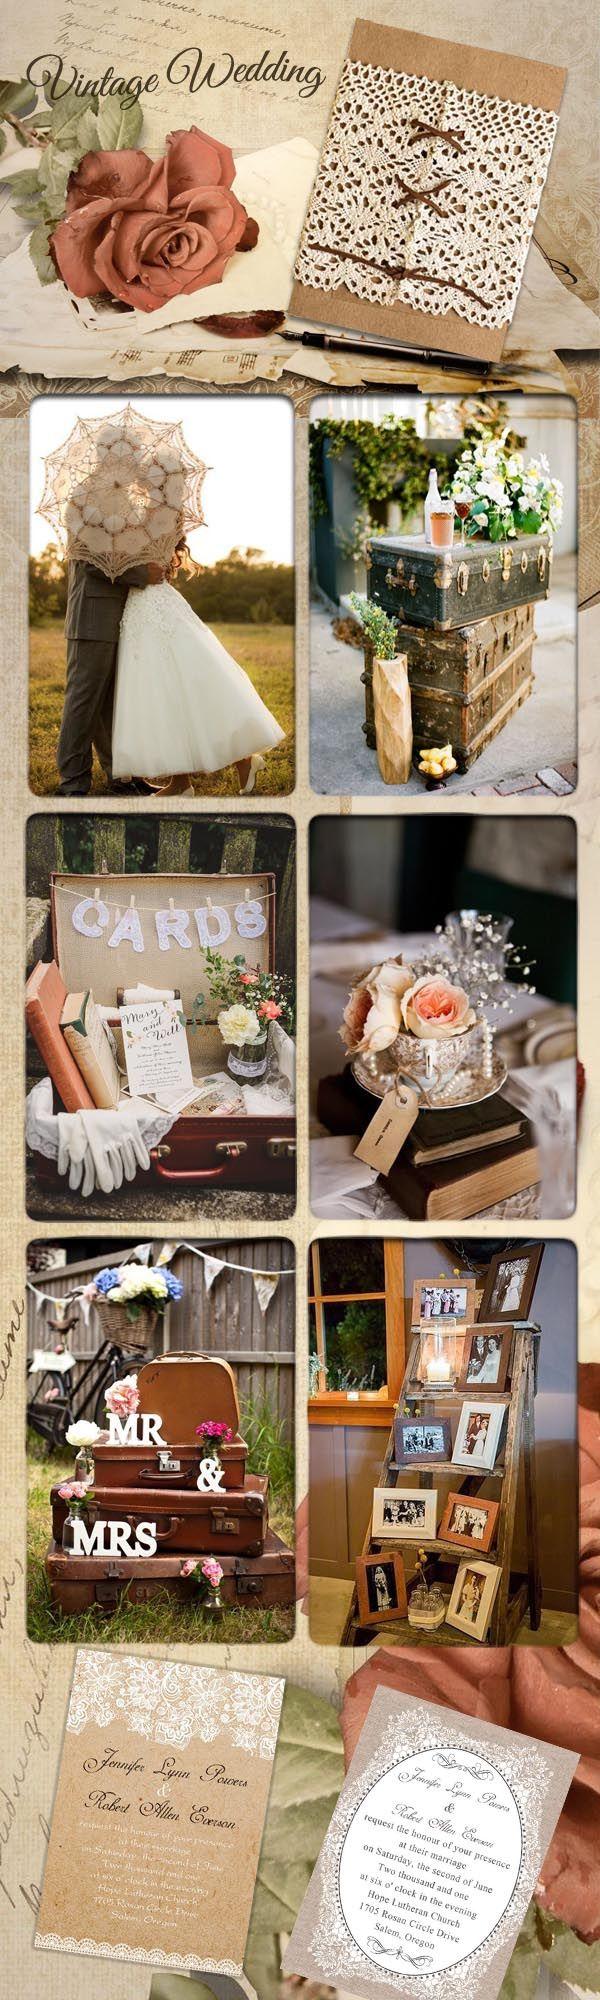 vintage wedding ideas and vintage wedding invitations